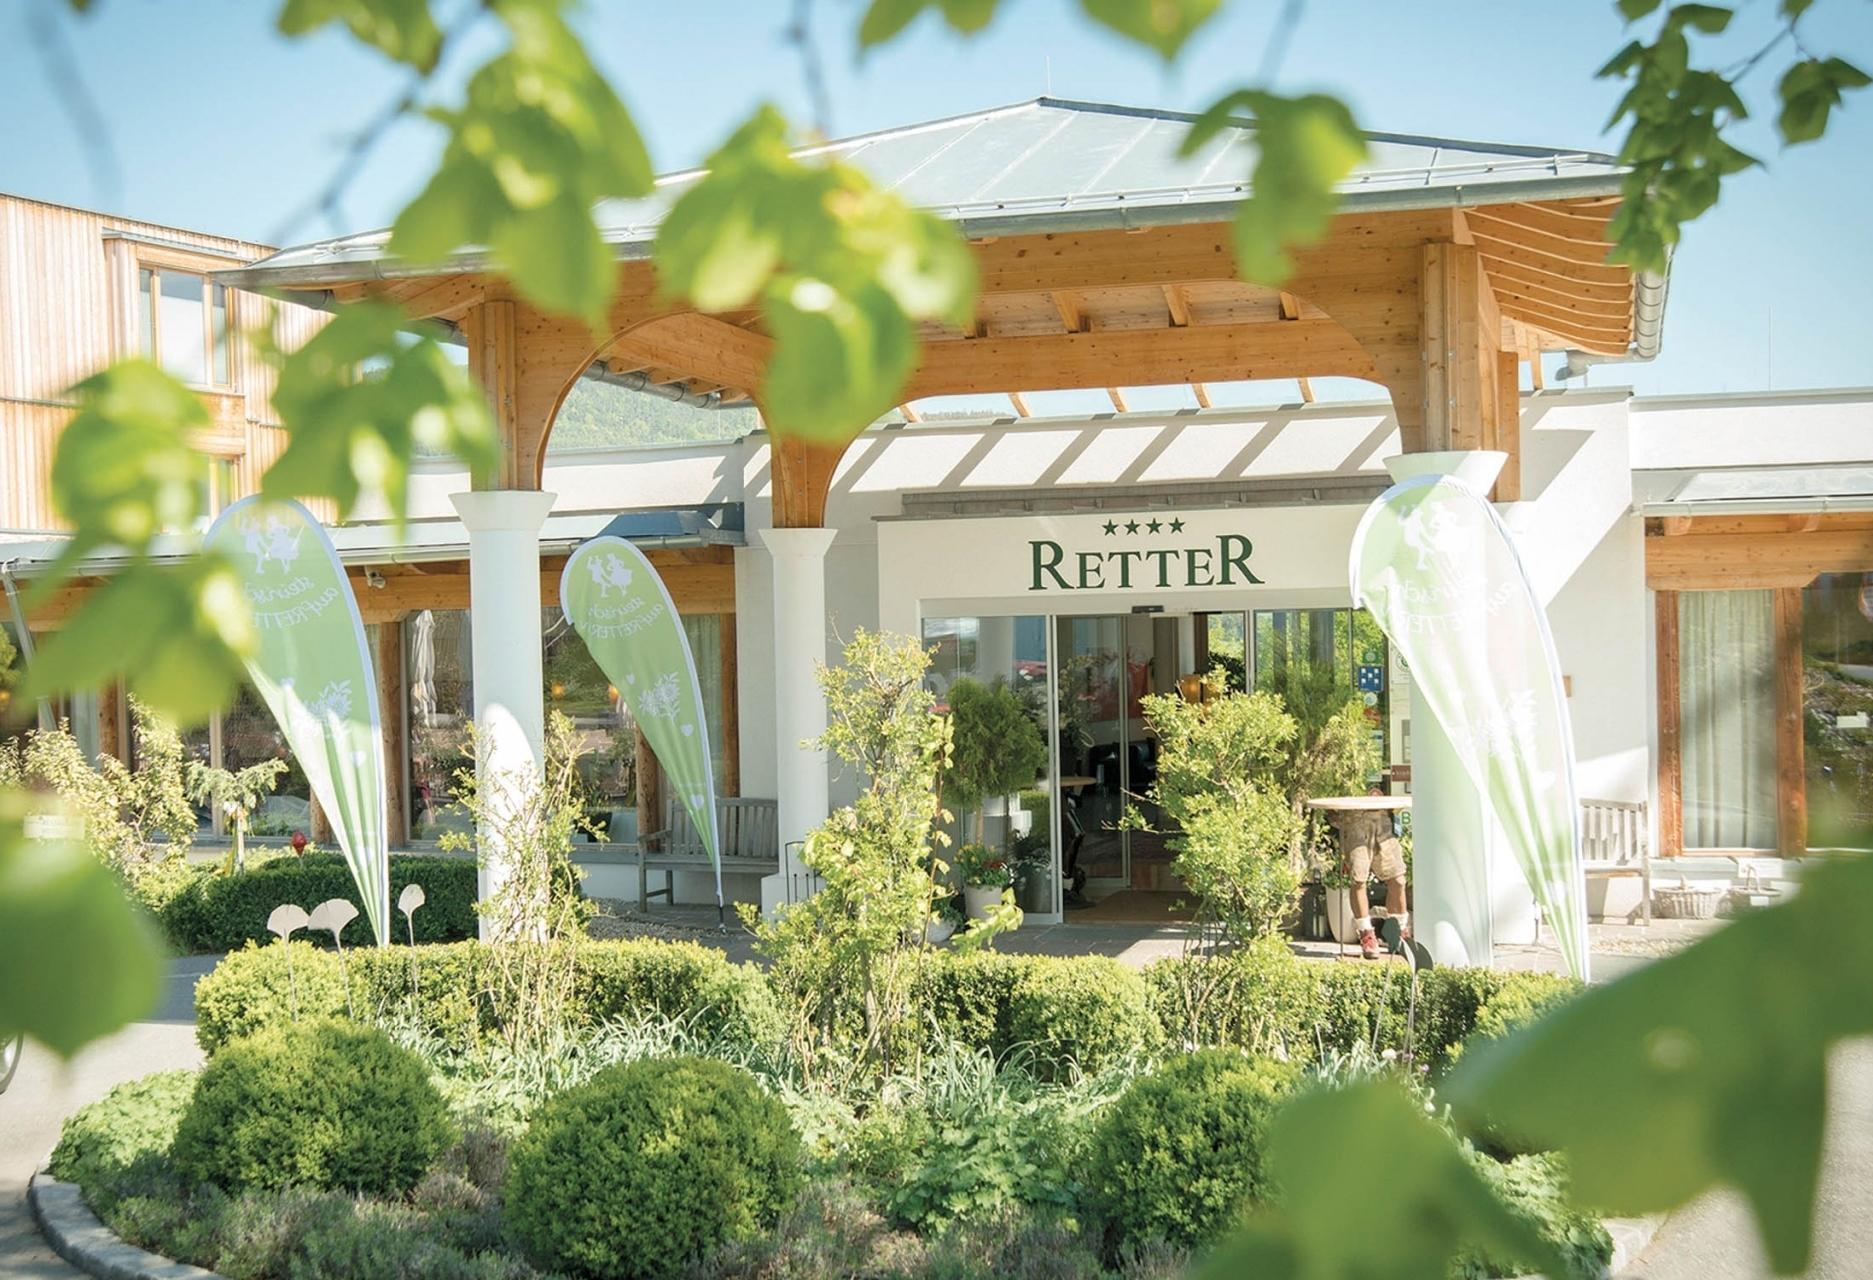 Reservieren Sie Ihren Tisch im Biorestaurant Retter am Pöllauberg in der Steiermark.